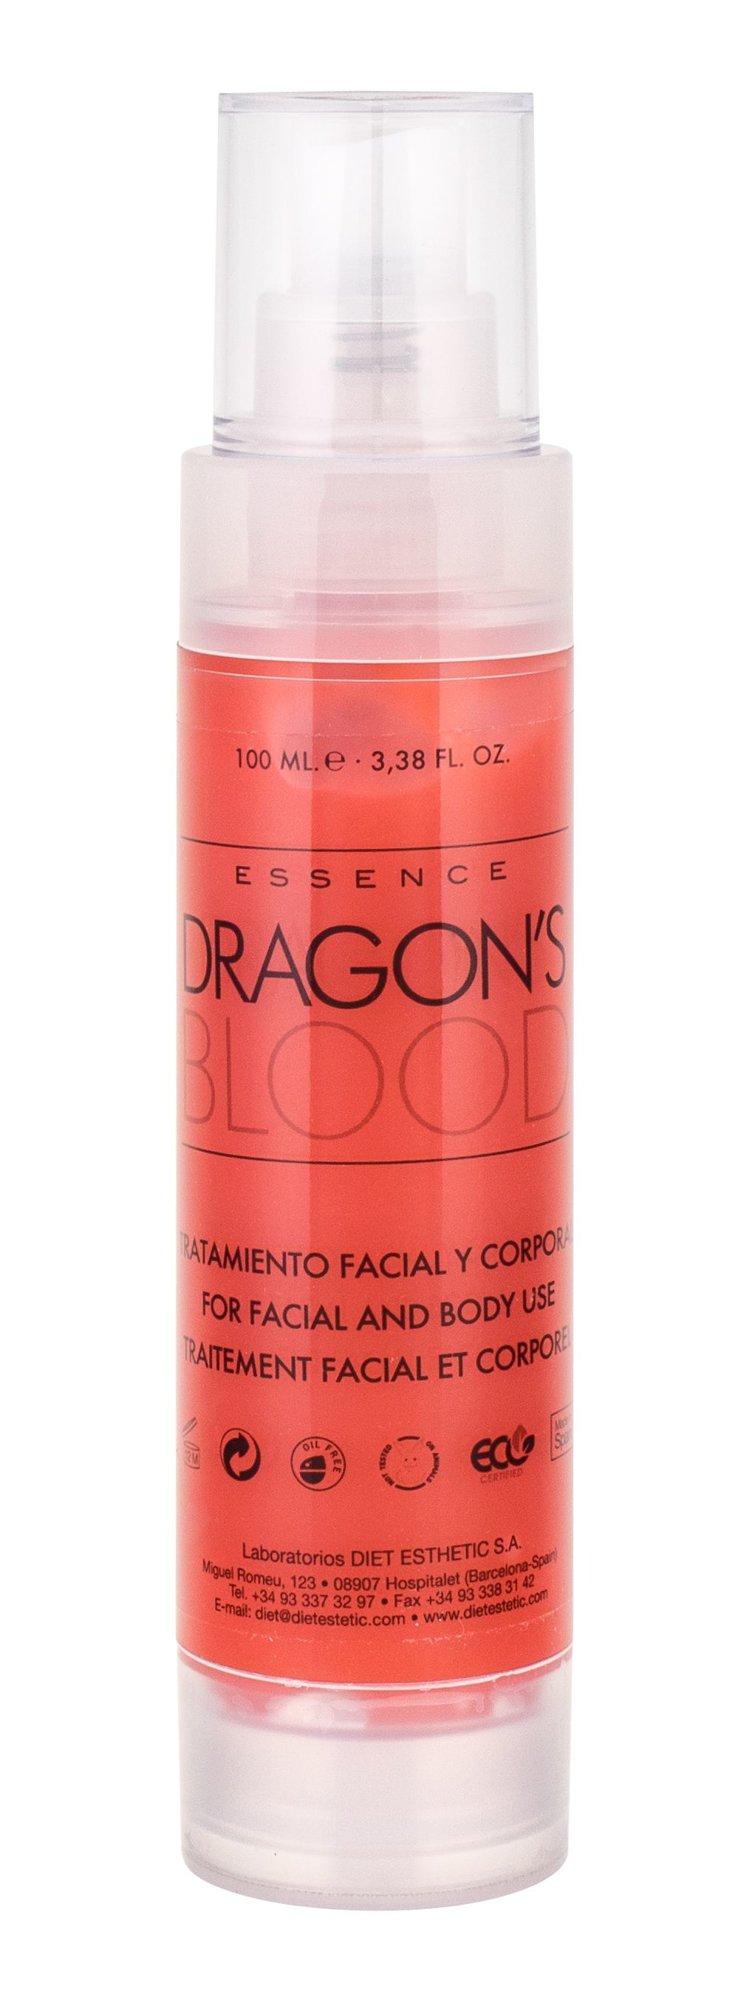 Diet Esthetic Essence Dragons Blood